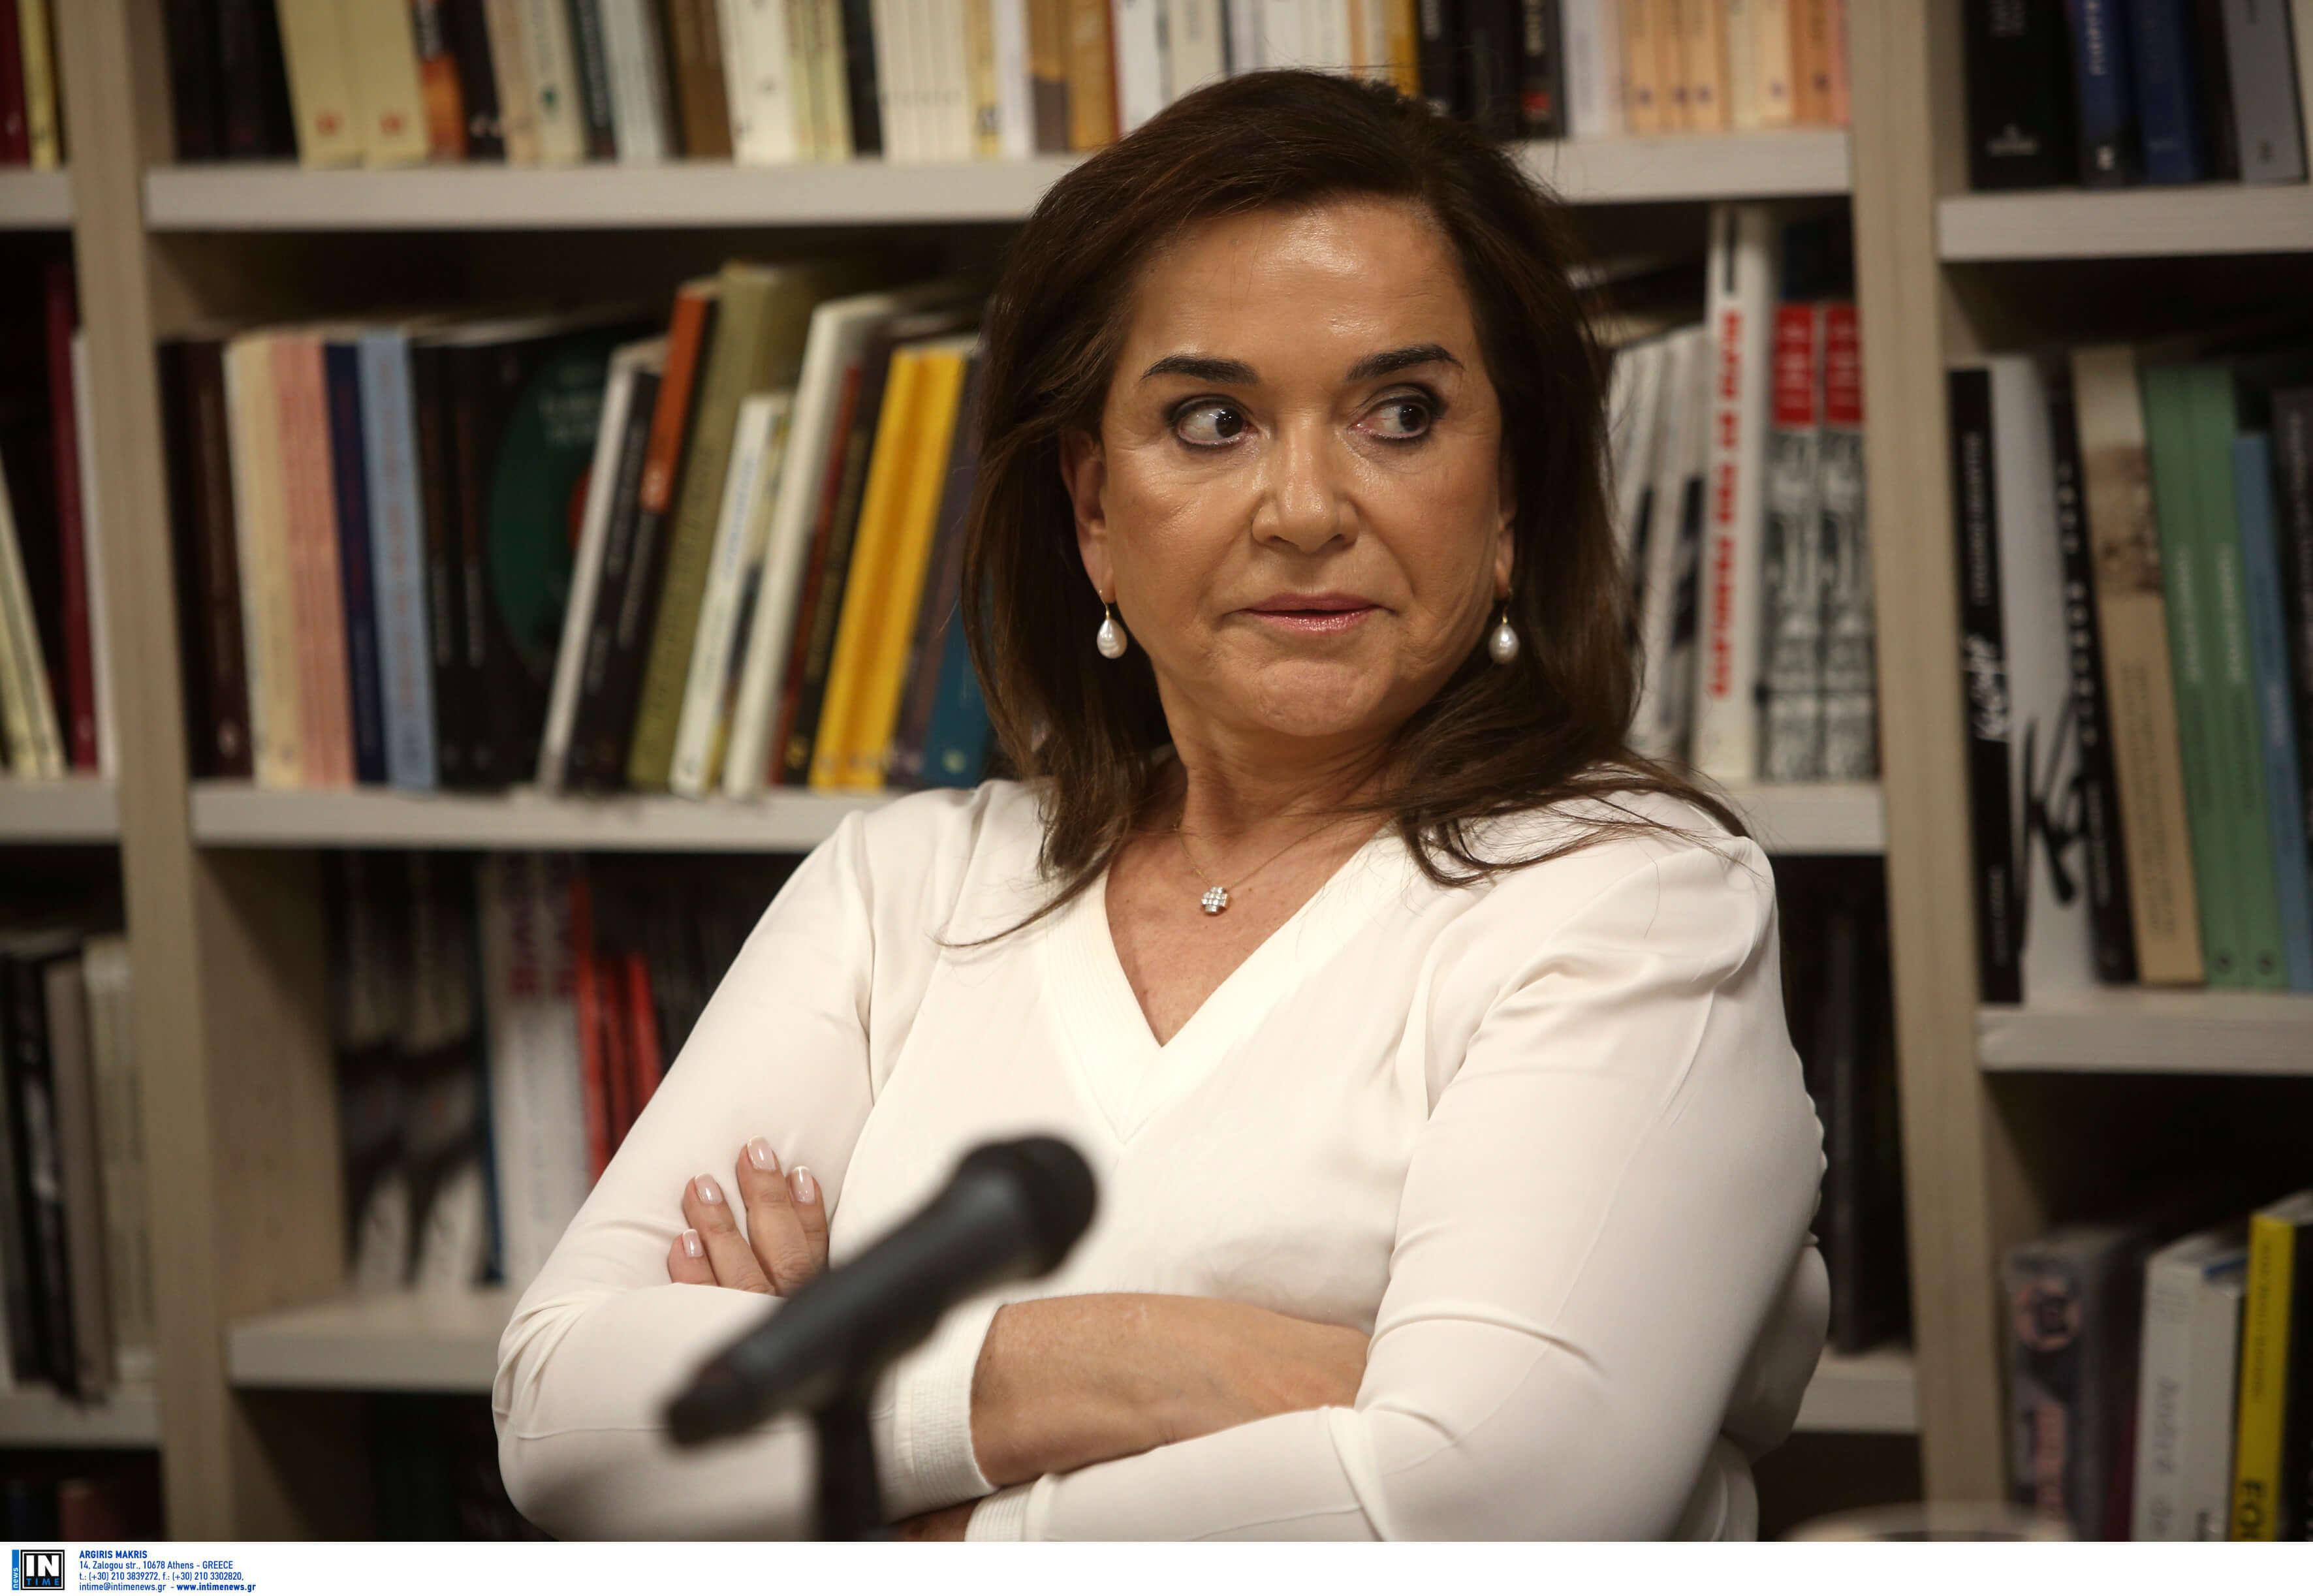 Δίκη Χρυσής Αυγής: Η Ντόρα Μπακογιάννη ρωτήθηκε για το ποια περιμένει να είναι η  απόφαση της ελληνικής δικαιοσύνης